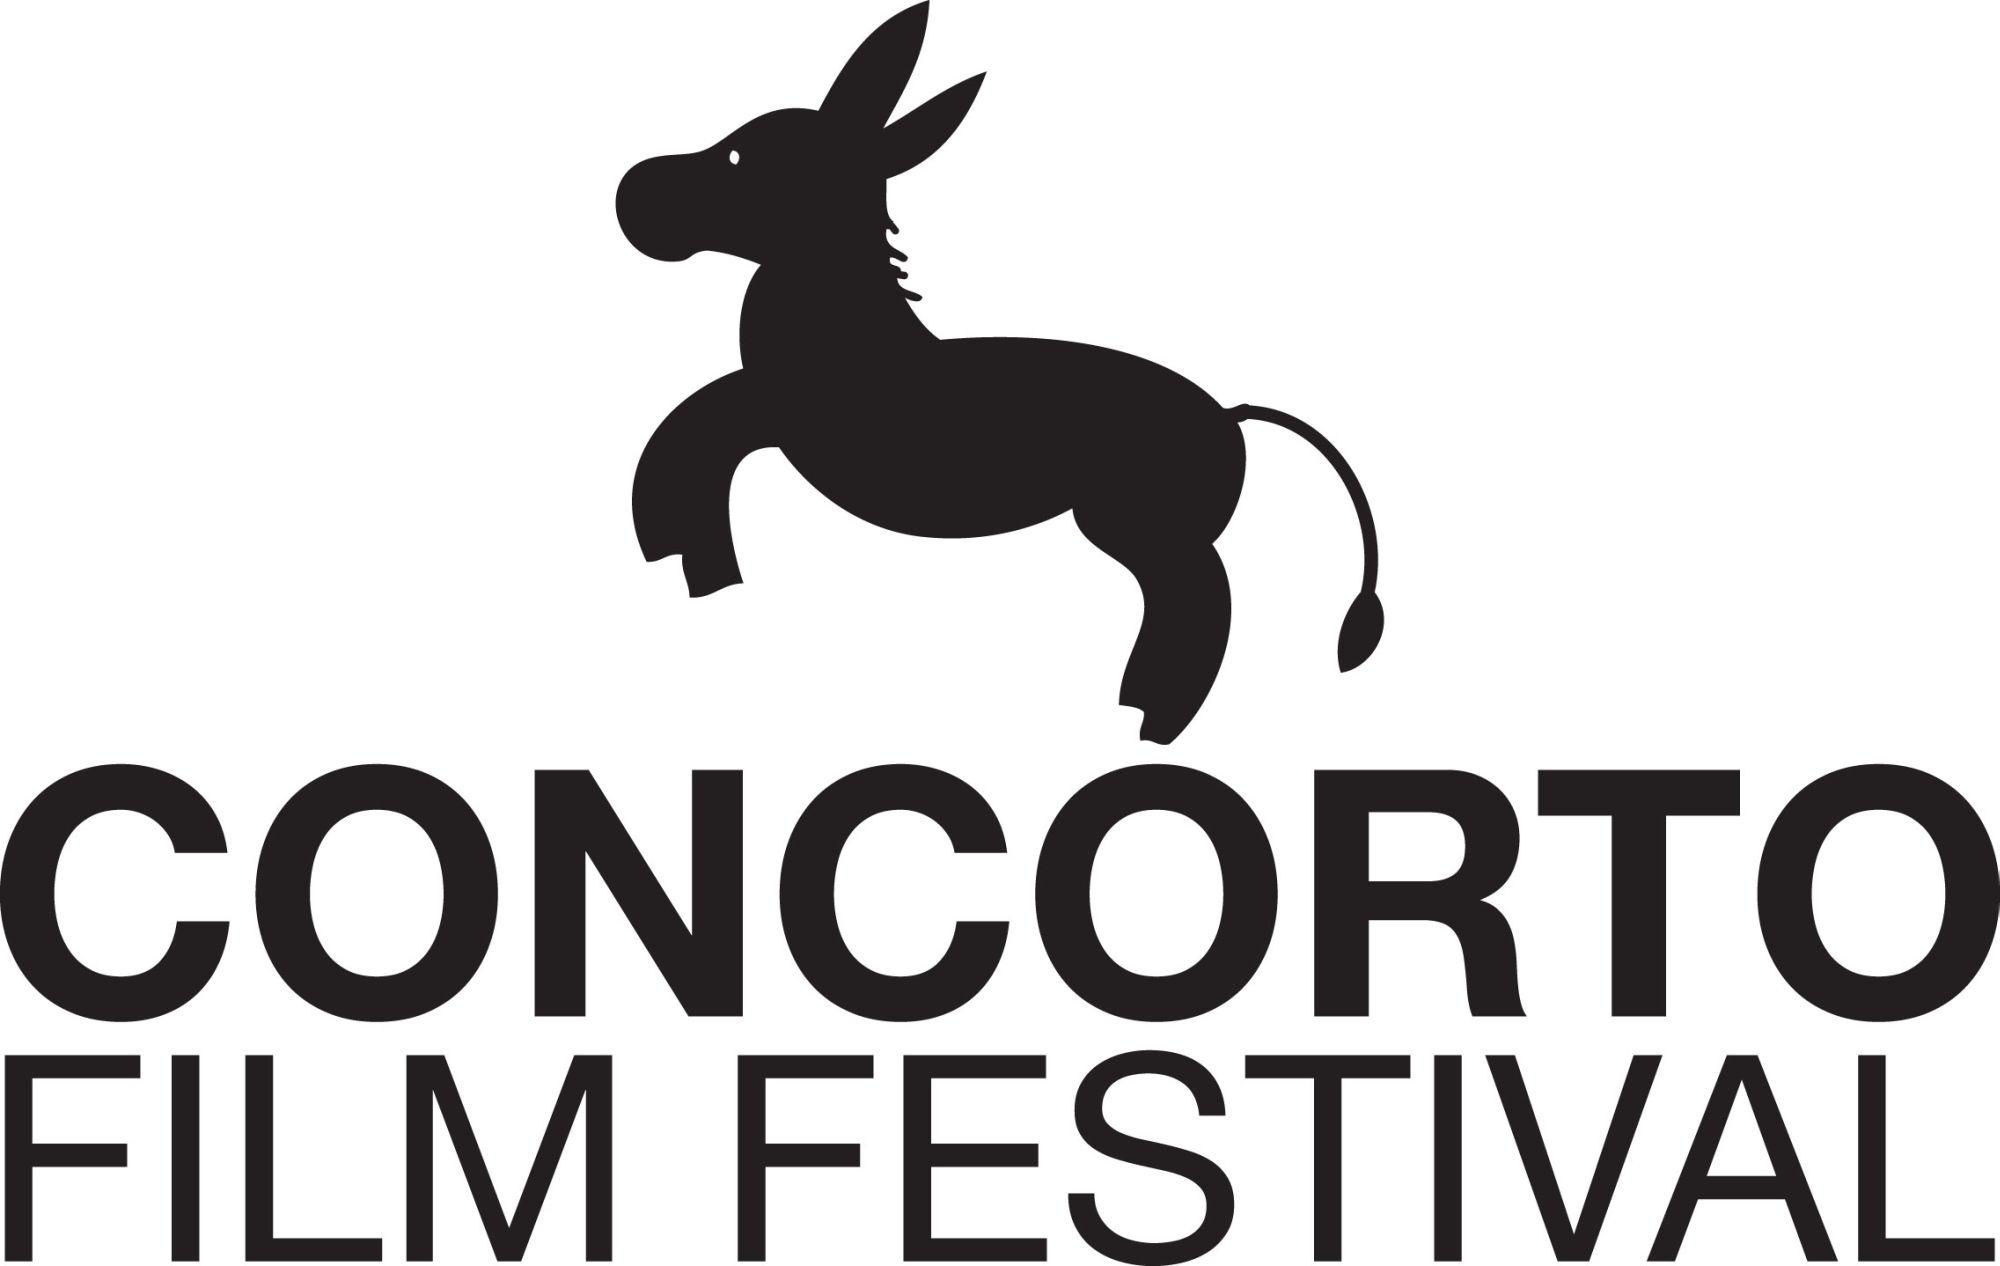 فراخوان جشنواره فیلم کوتاه «کونکورتو» ایتالیا